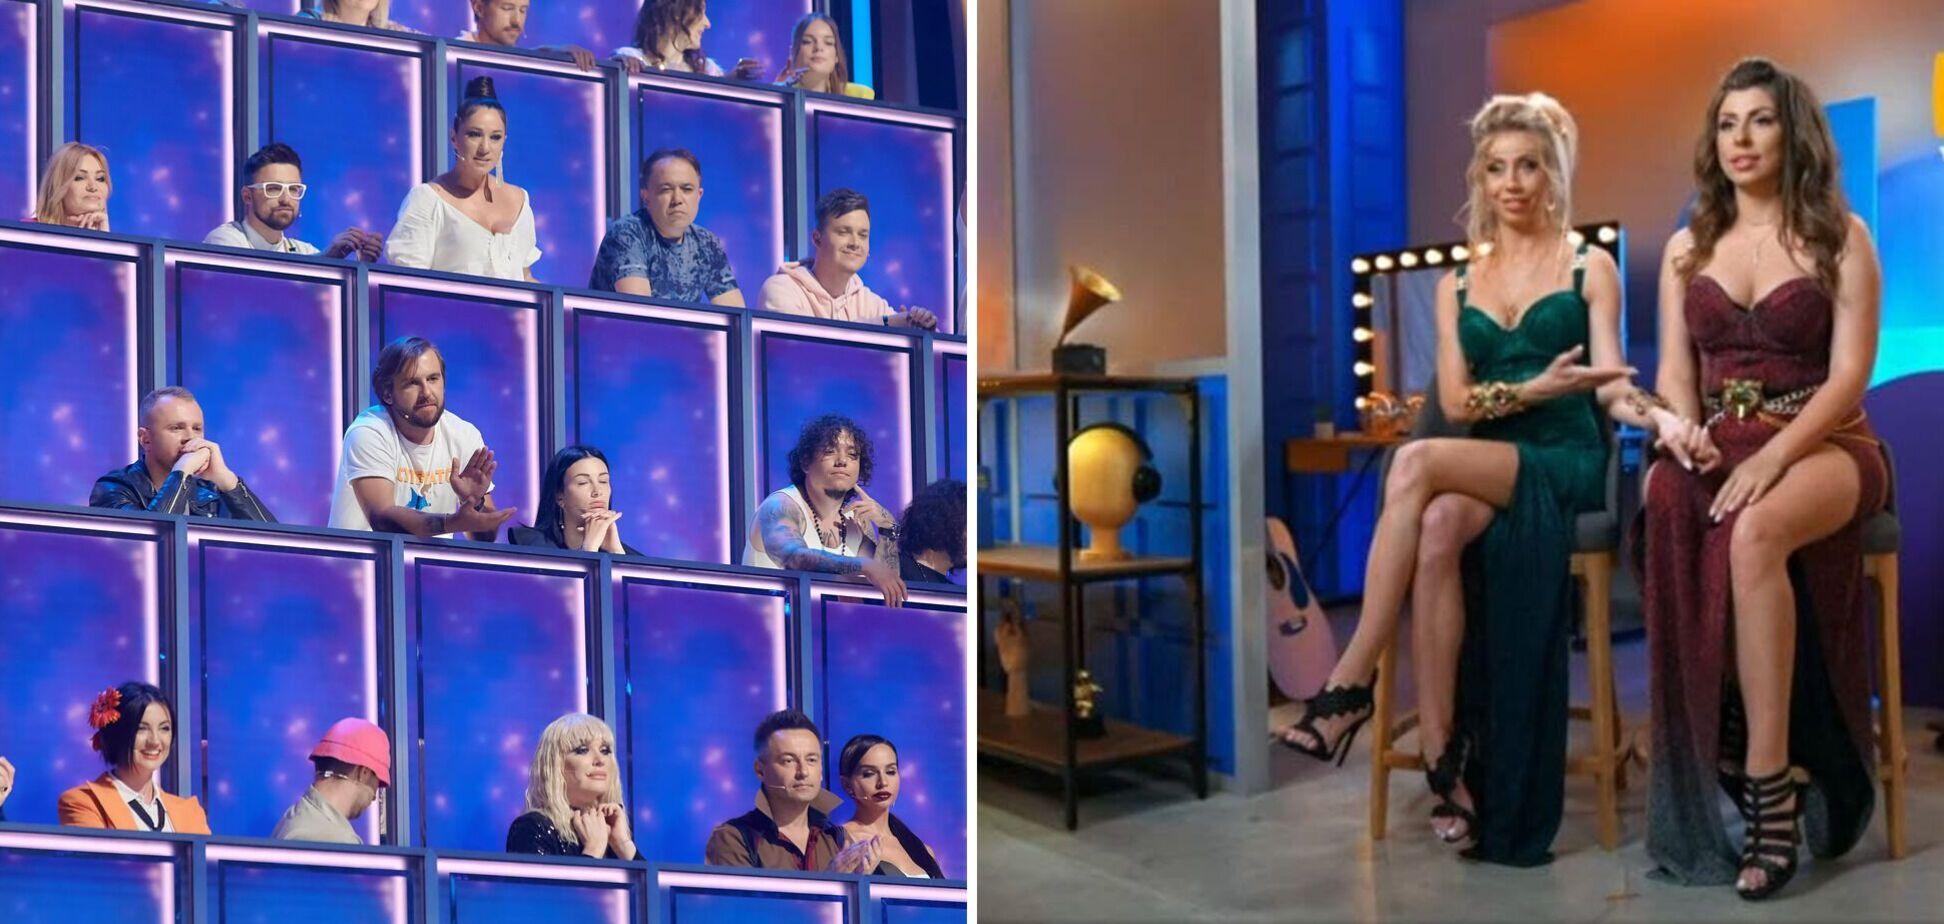 На шоу 'Співають всі' прийшли сестри співачки Юлії Войс: їх розкритикували. Відео